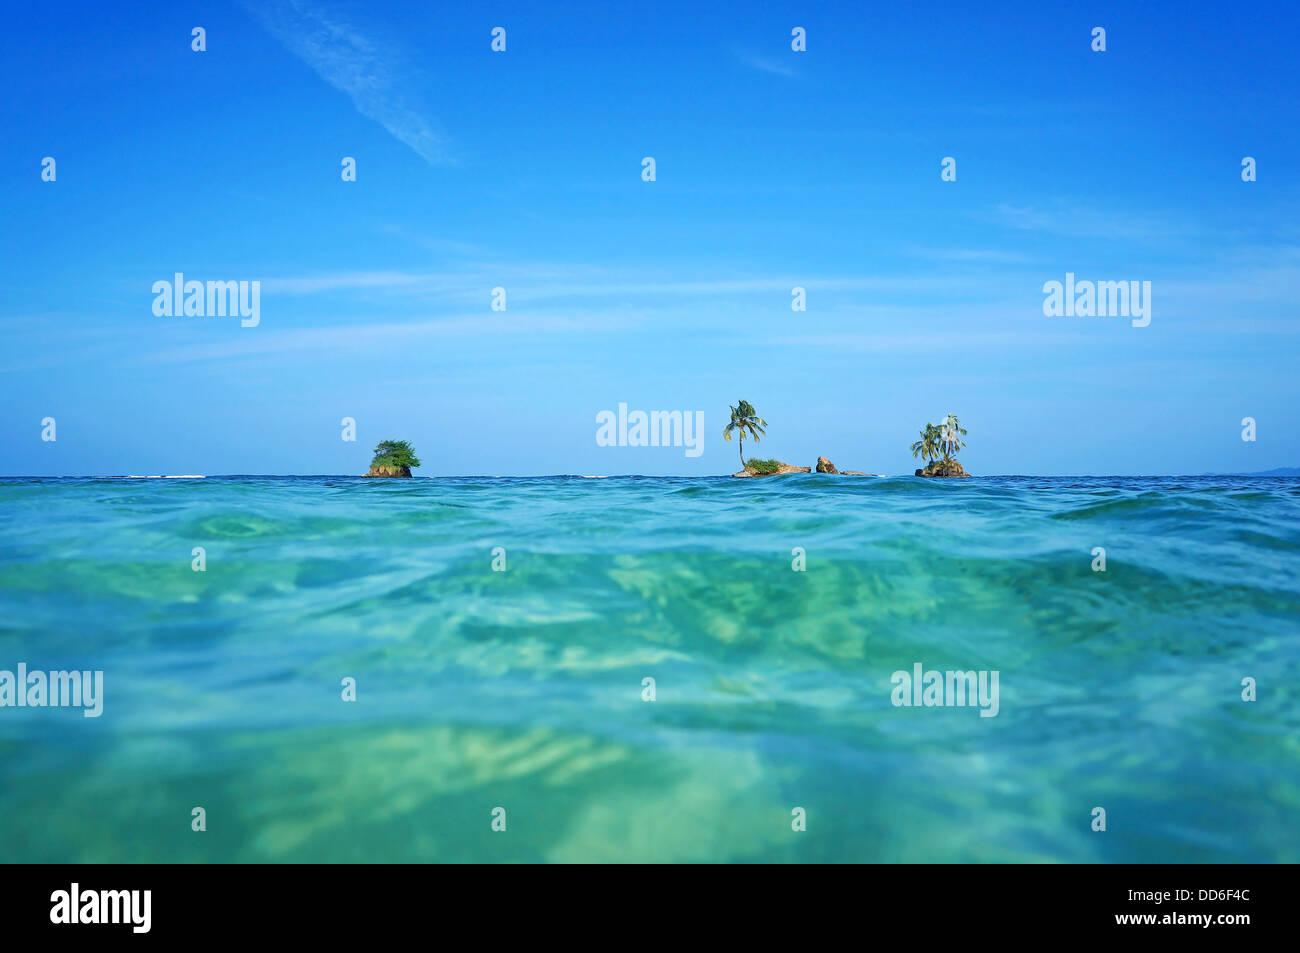 Au-dessus de l'eau horizon avec de petits îlots et de cocotier, mer des Caraïbes, Zapatillas clés, Photo Stock